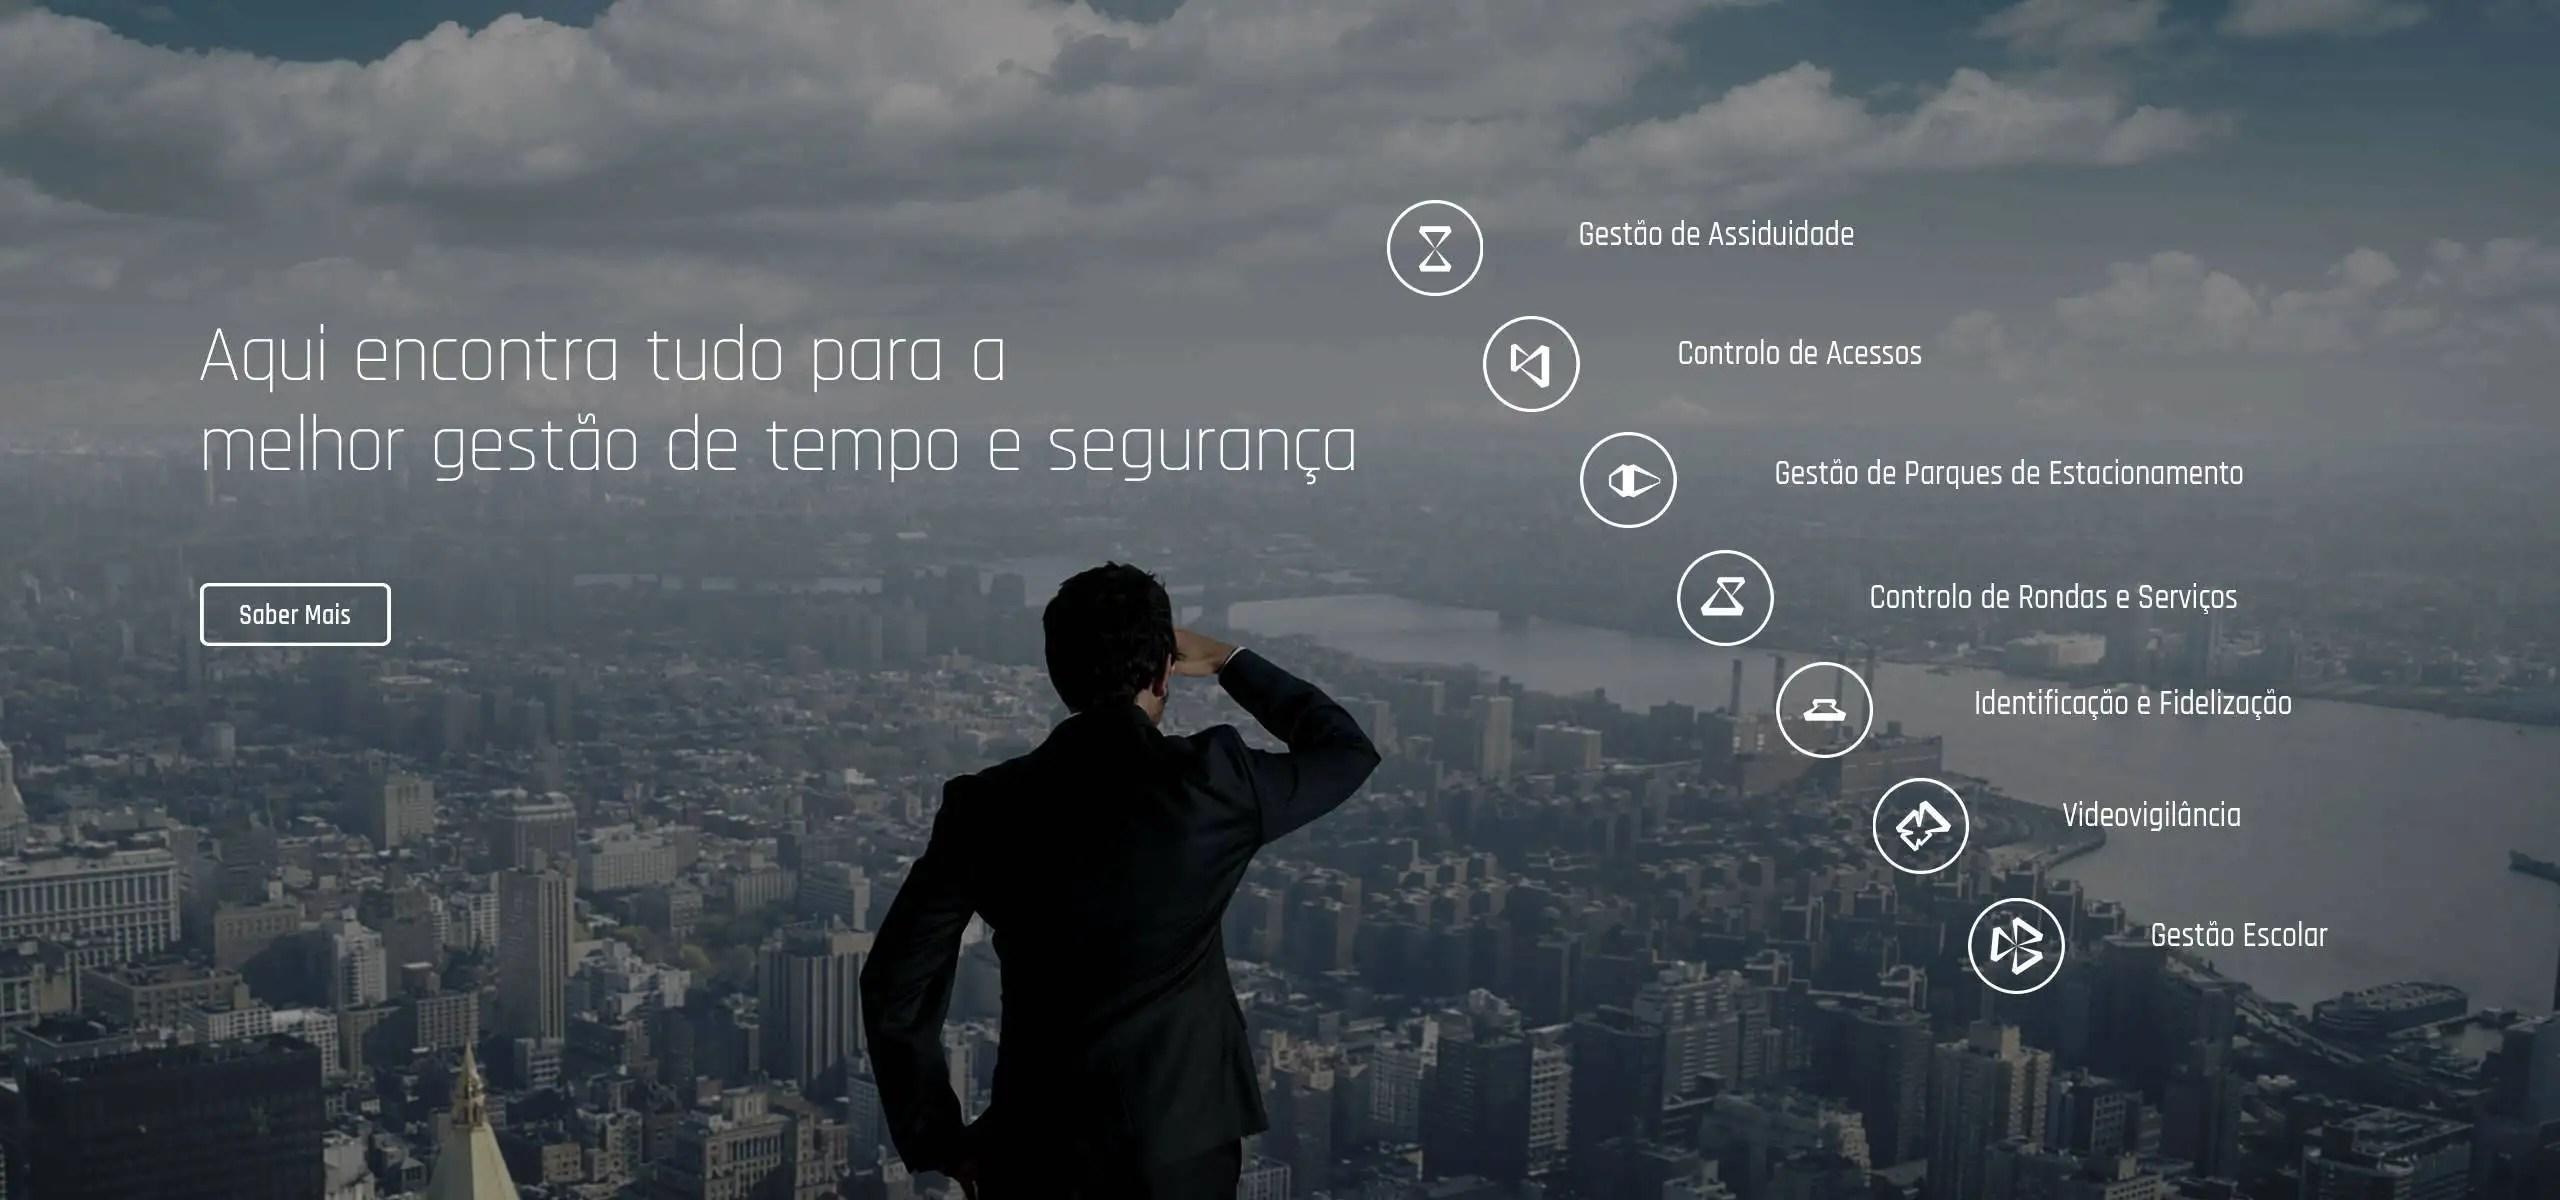 Software de Gestão e Controlo Empresarial | Controlo de Assiduidade | Controlo de Acessos | Videovigilância | Torniquetes | Parques | Soluções IDONIC